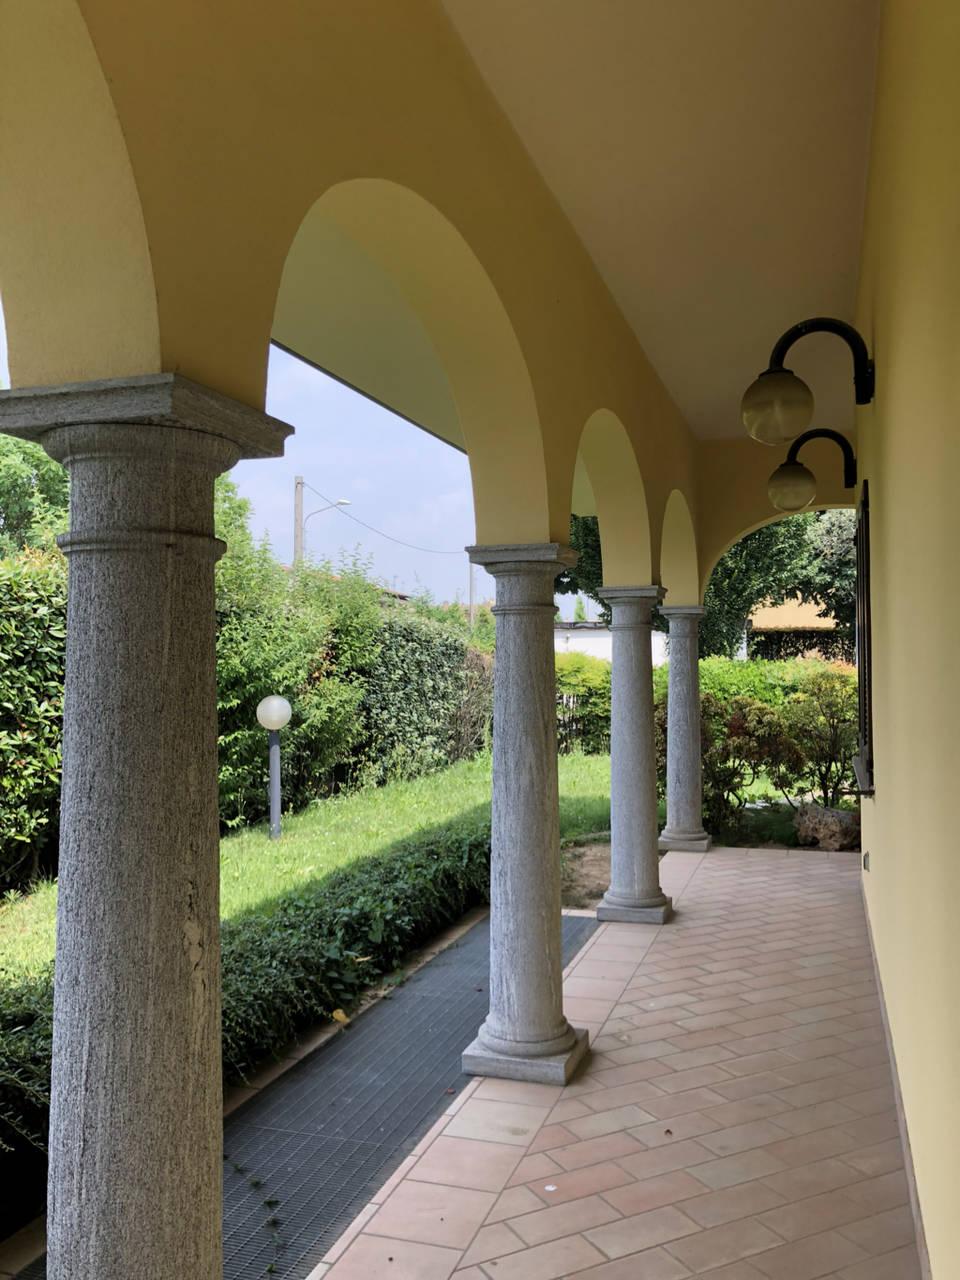 Villa-con-piscina-in-vendita-a-Mezzago-in-Brianza-12